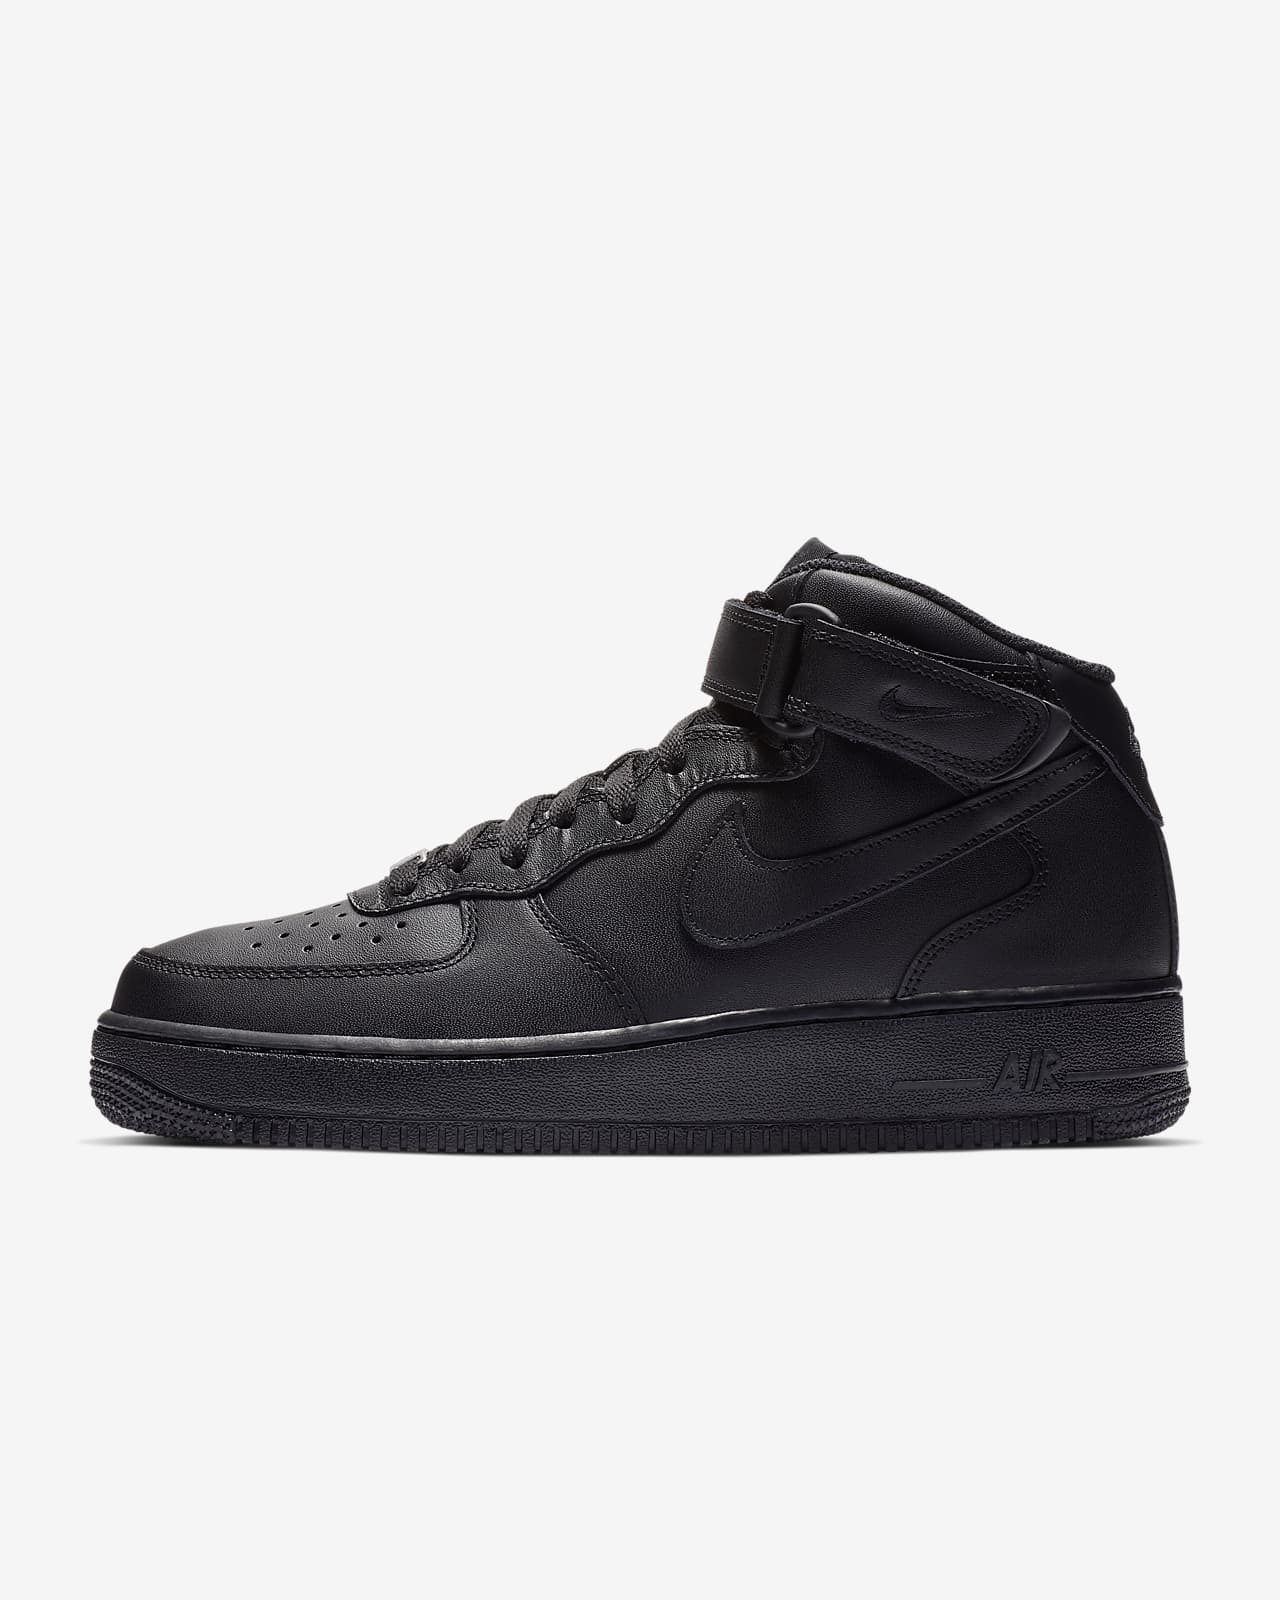 รองเท้าผู้ชาย Nike Air Force 1 Mid '07